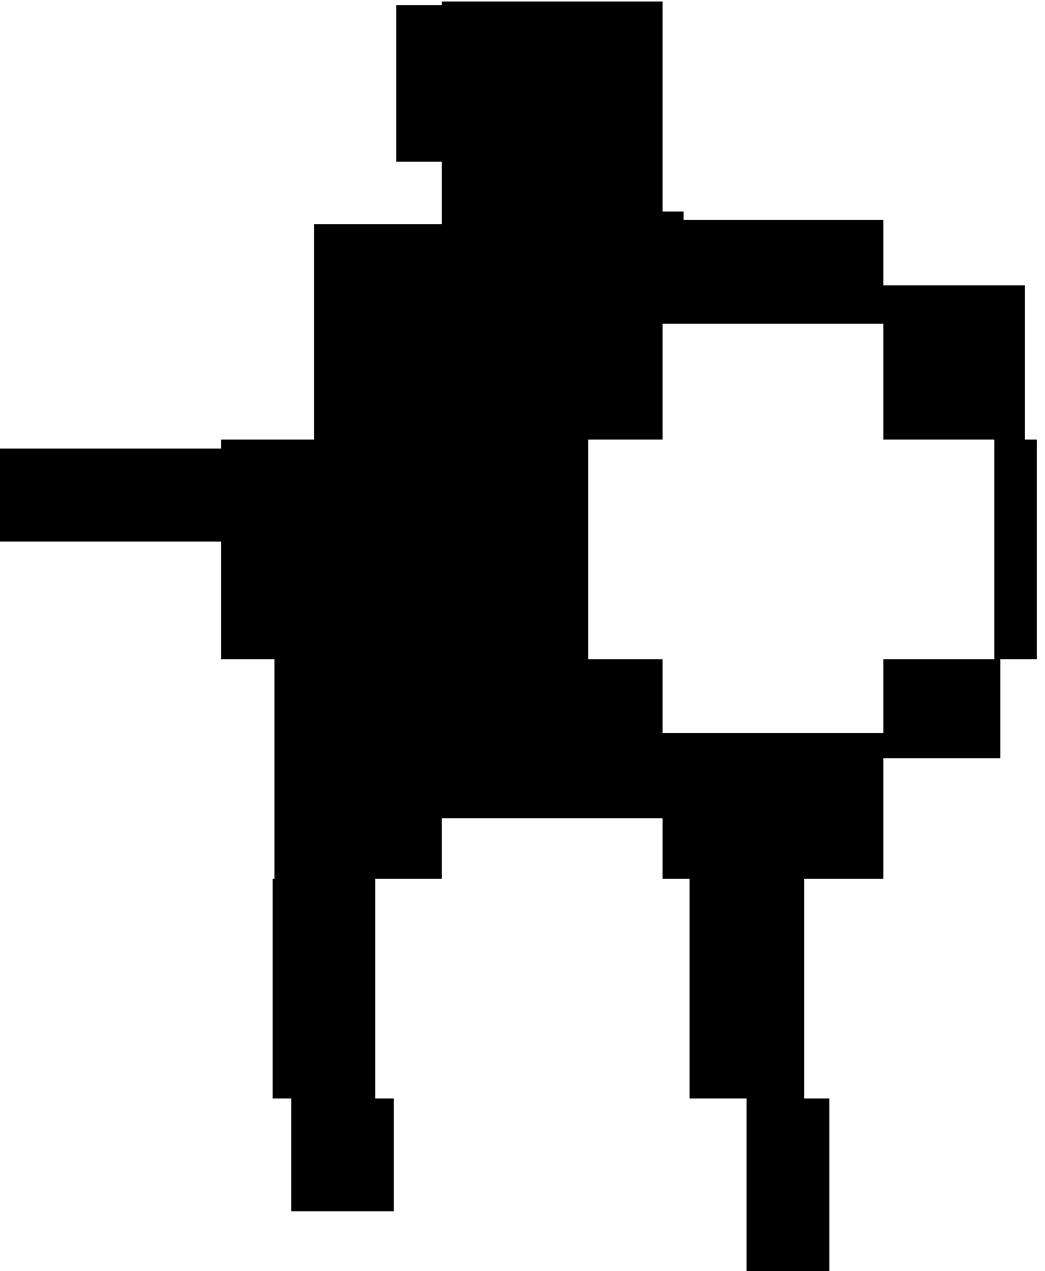 Skeleton outline